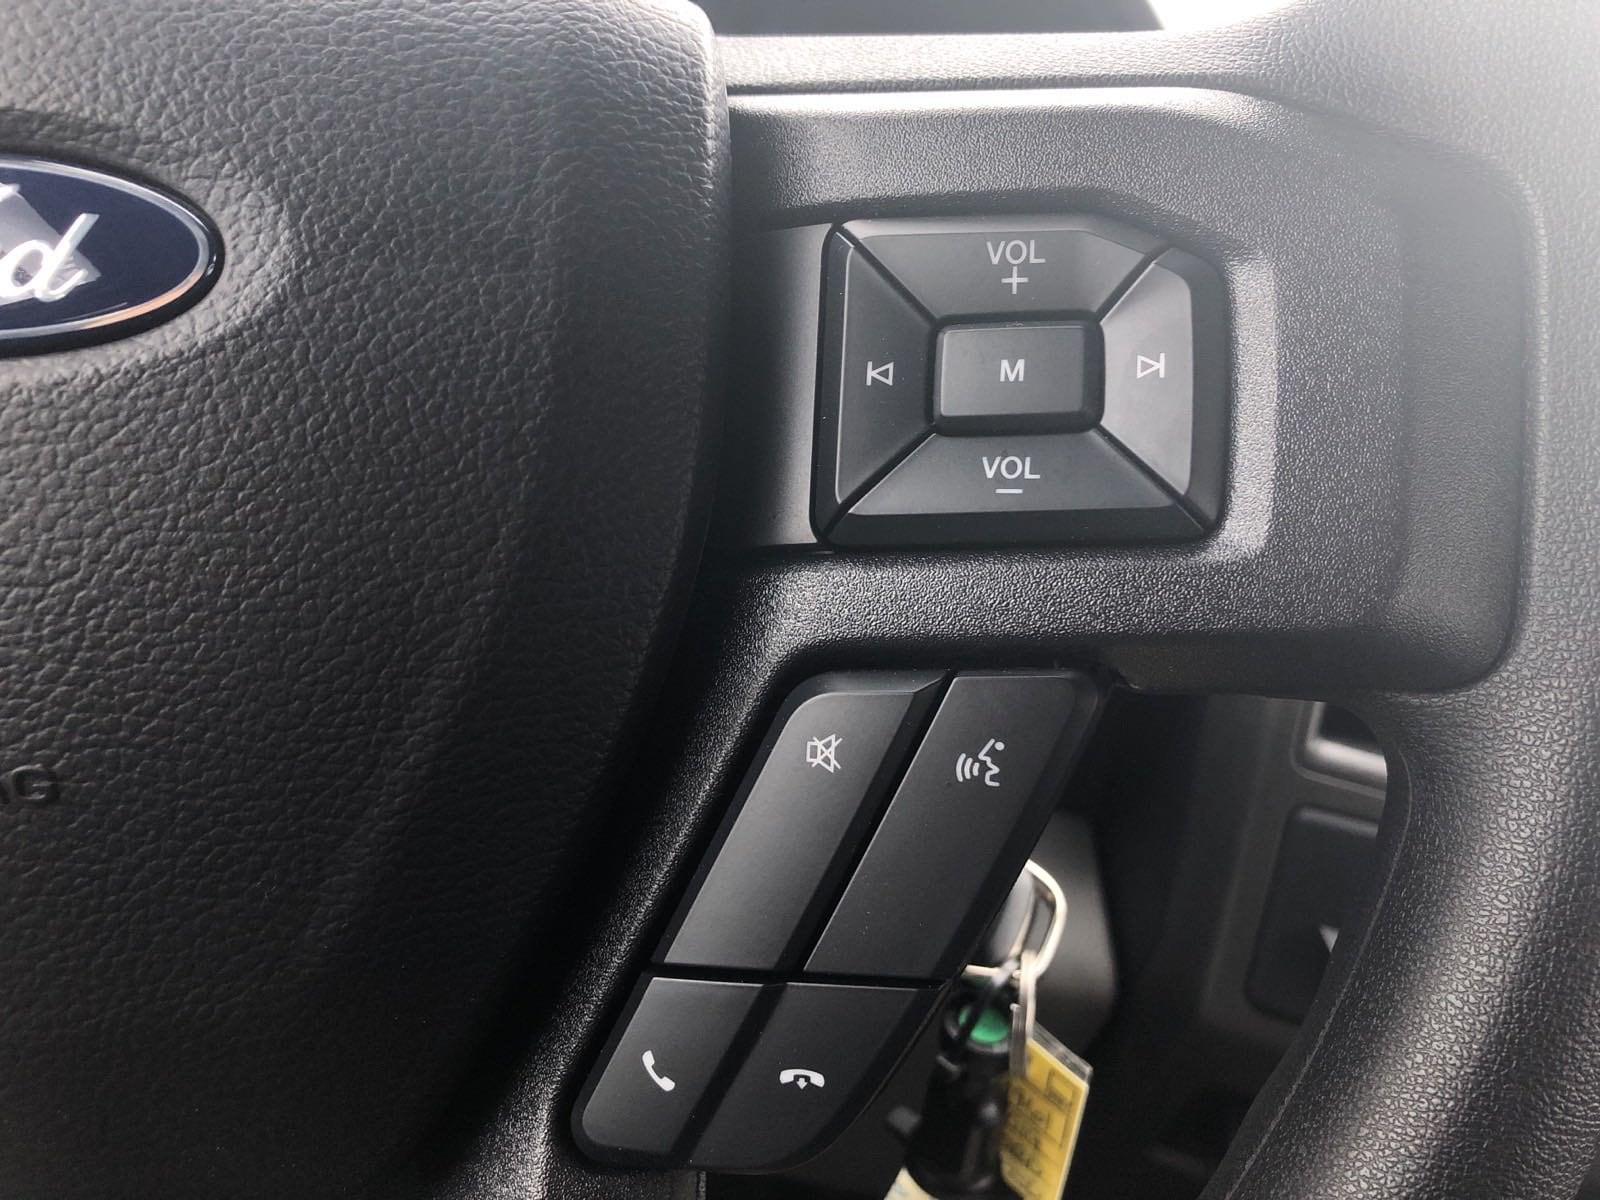 2019 F-550 Super Cab DRW 4x4, Contractor Body #299961 - photo 19